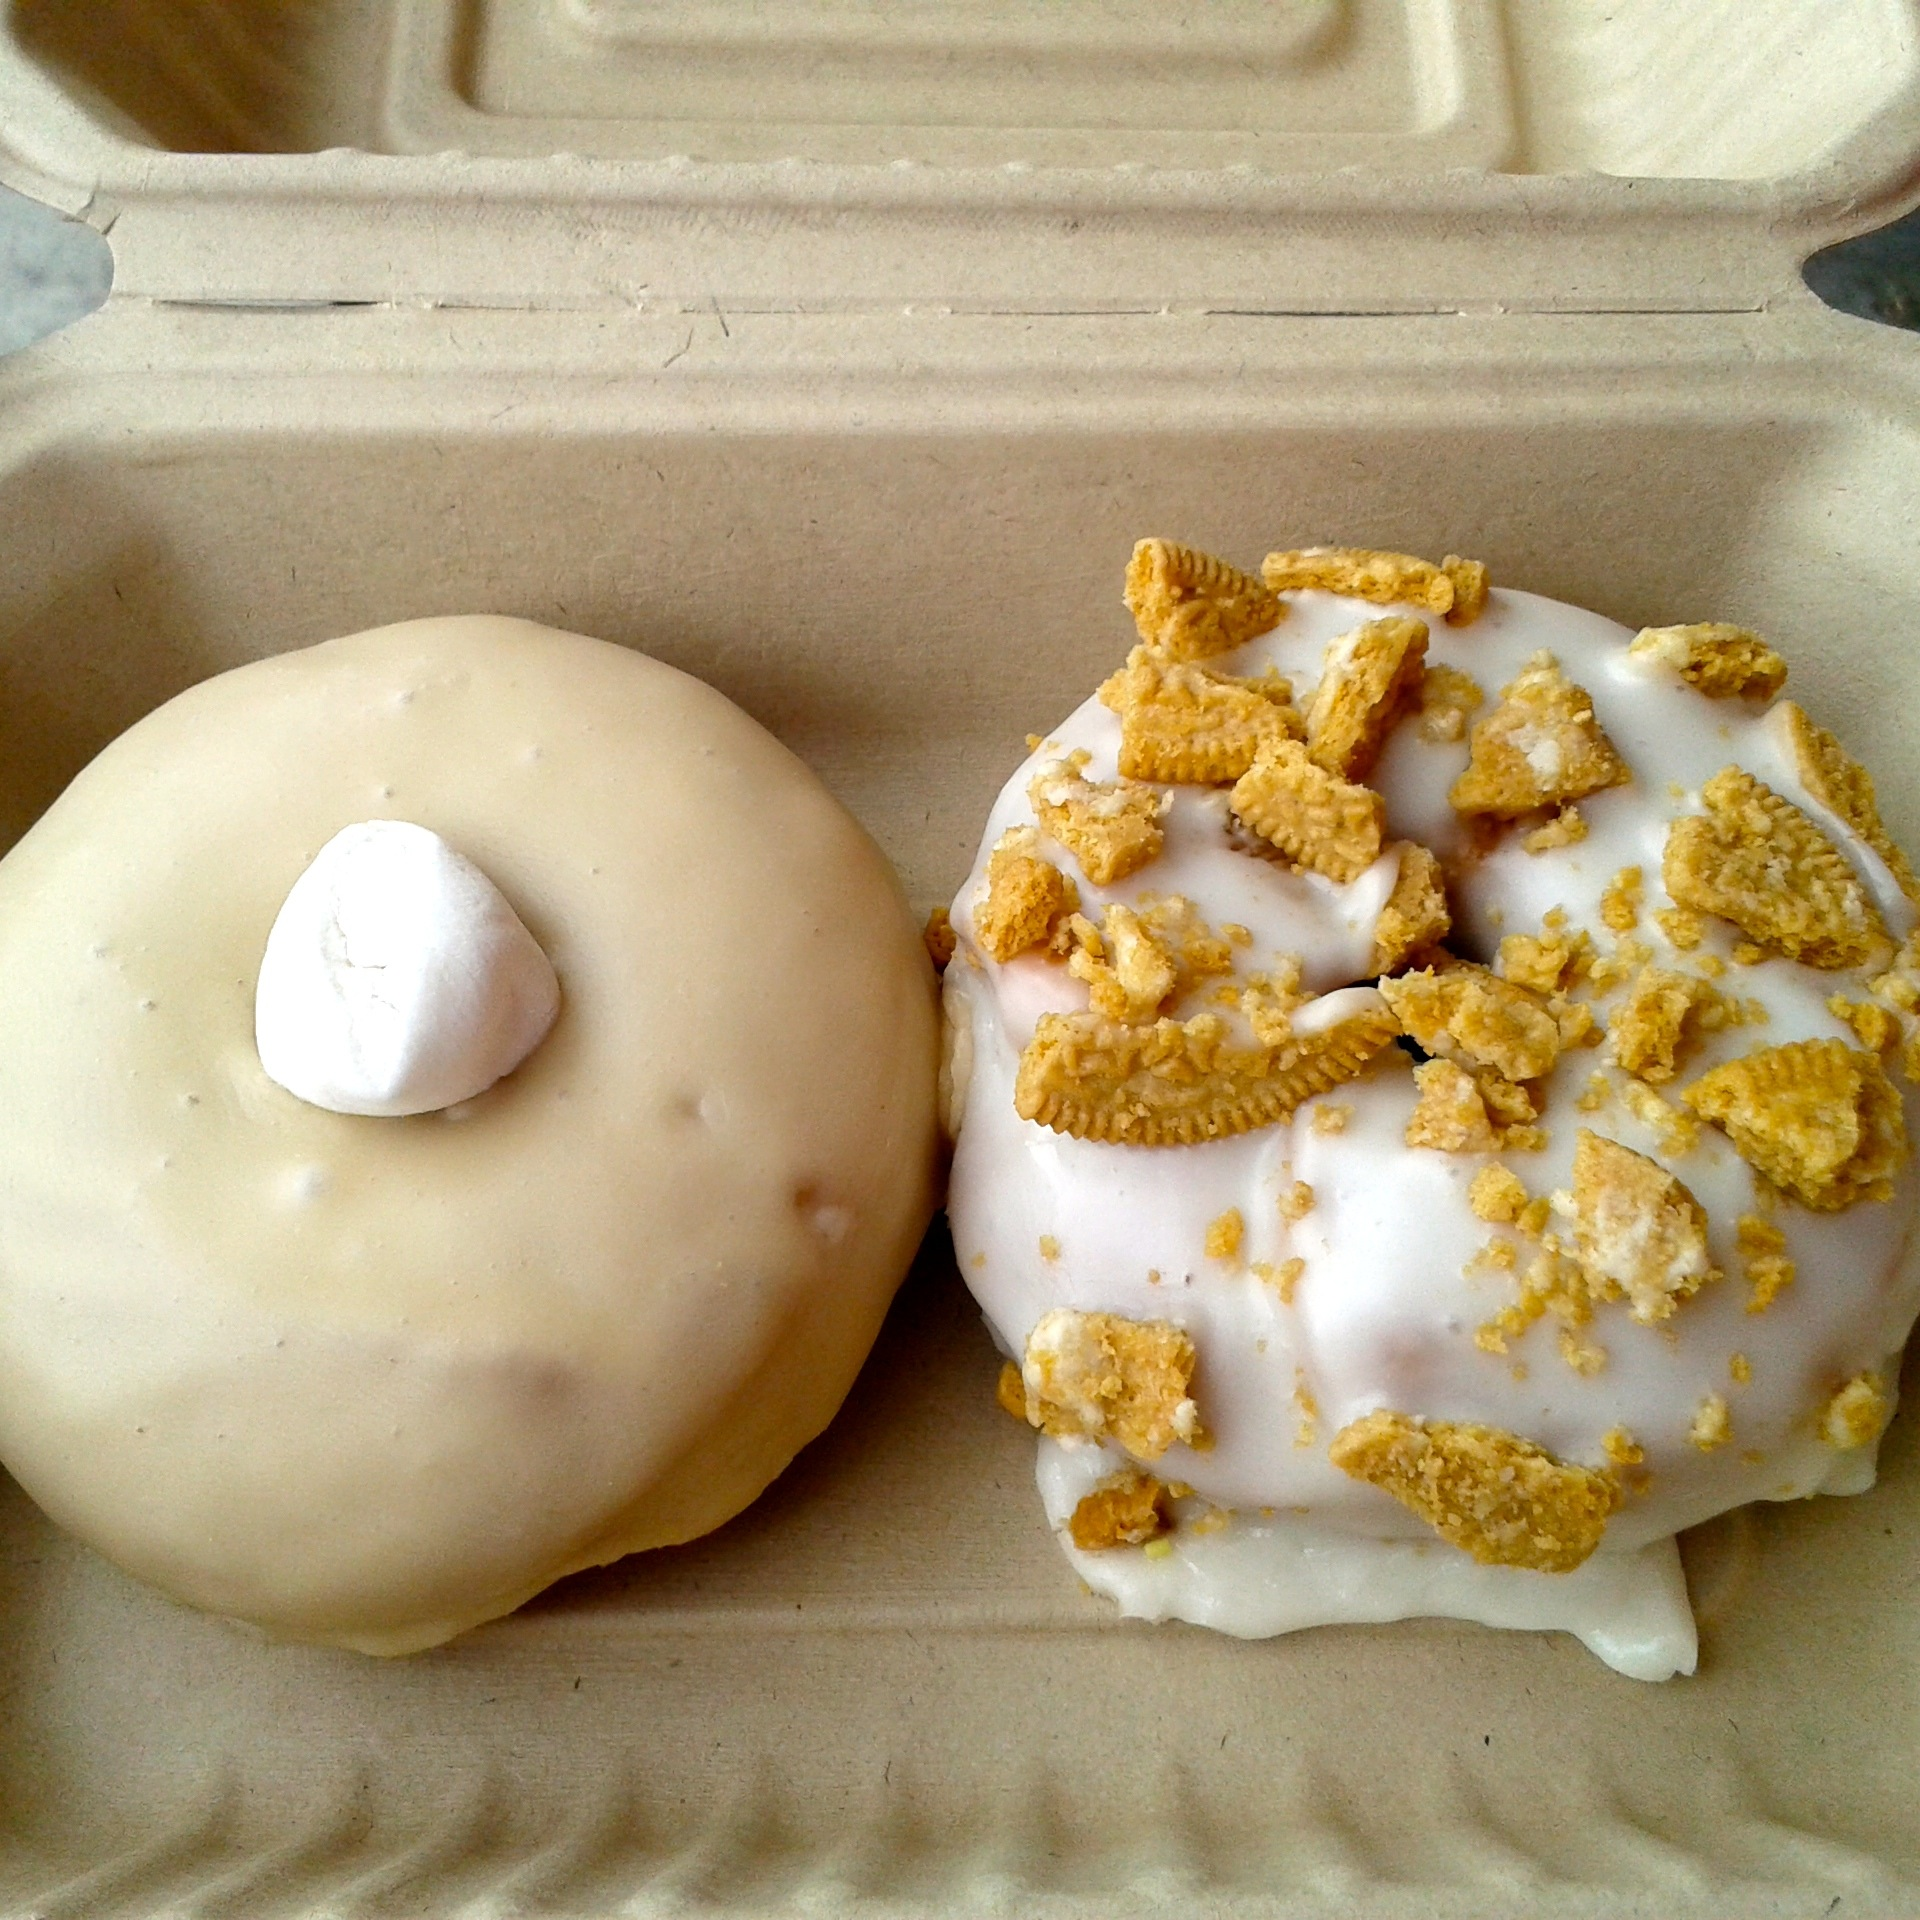 https://i0.wp.com/fatgayvegan.com/wp-content/uploads/2014/06/donuts.jpg?fit=1920%2C1920